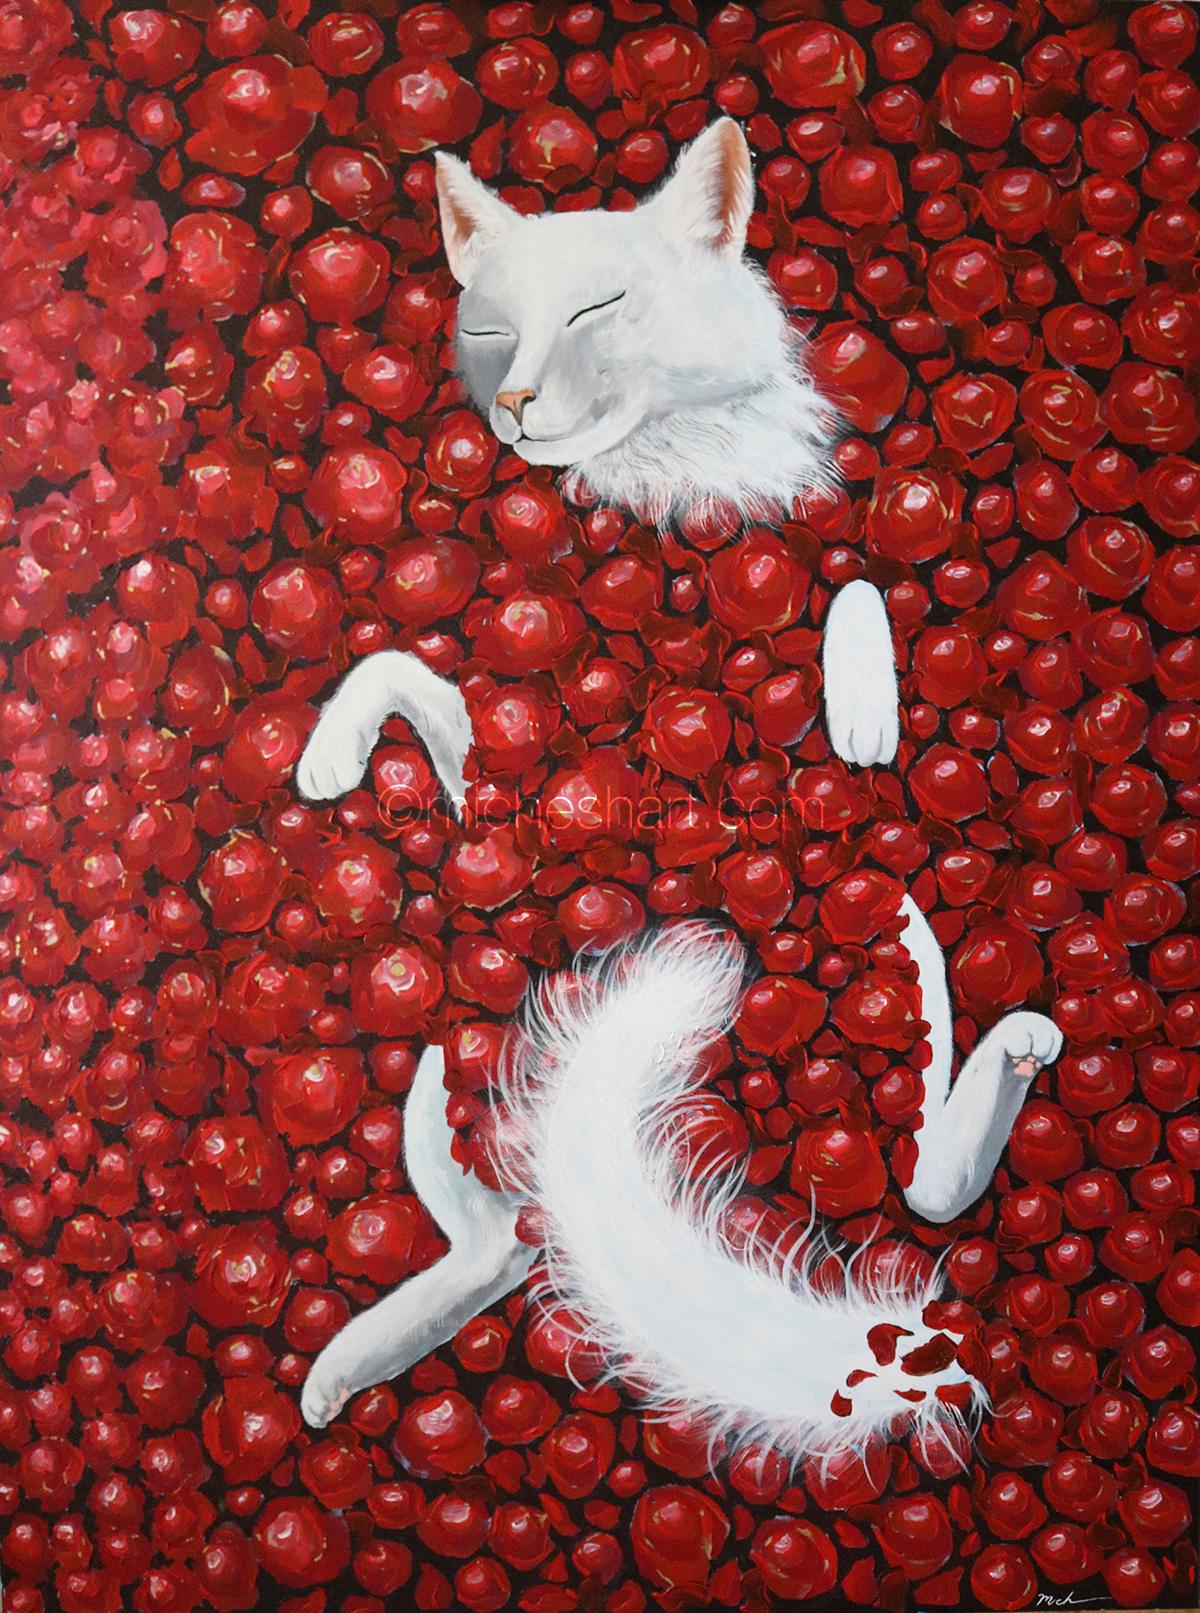 Surrealism/Symbolism — MICHESHART